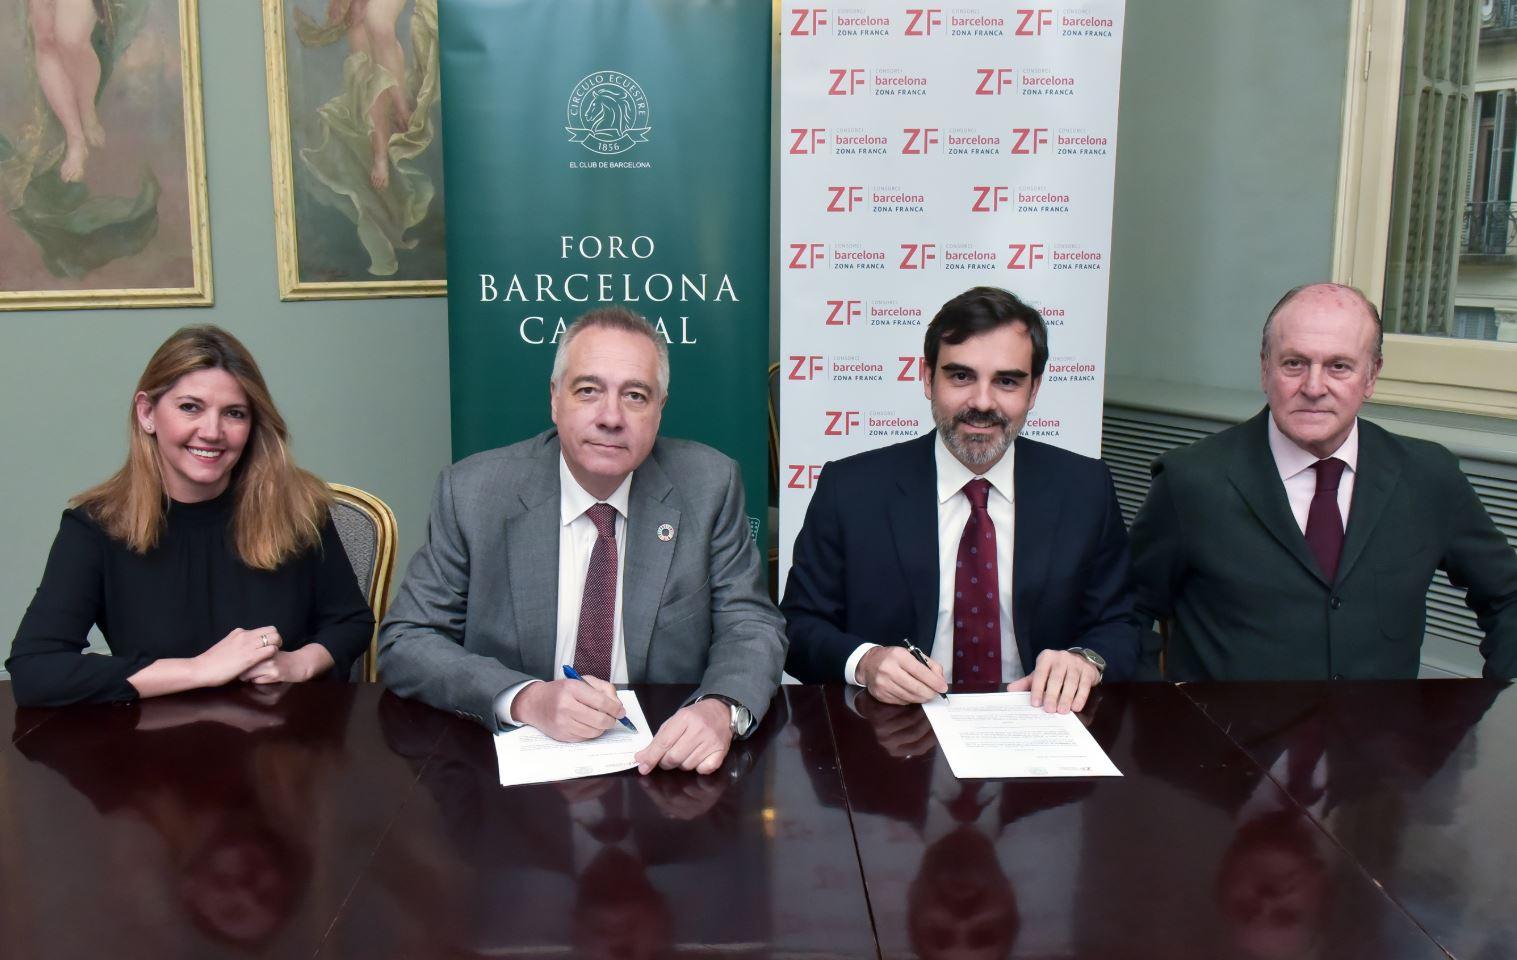 firma del convenio del consorci de la zona franca y el círculo equestre